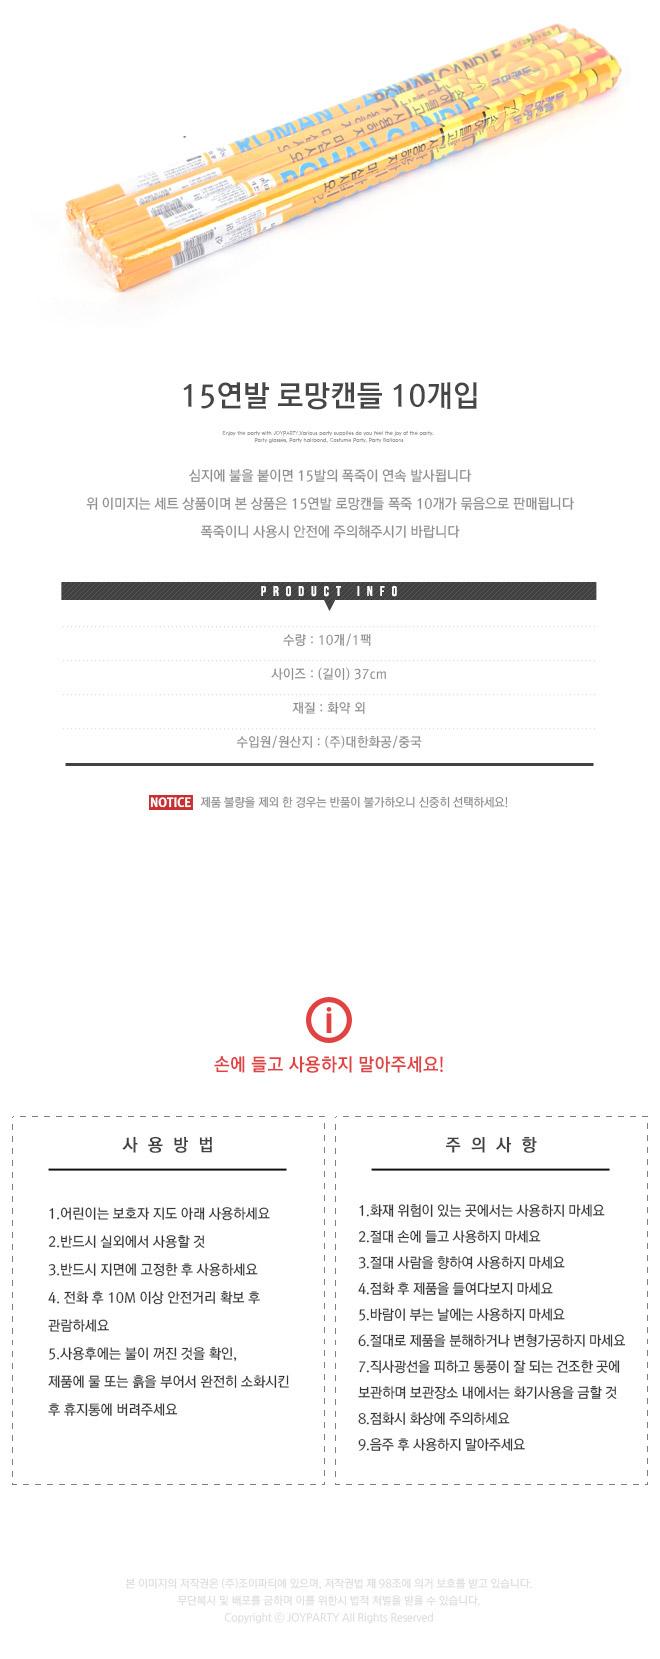 폭죽 15연발 로망캔들 10개입 _partypang - 파티팡, 6,000원, 파티용품, 양초/폭죽